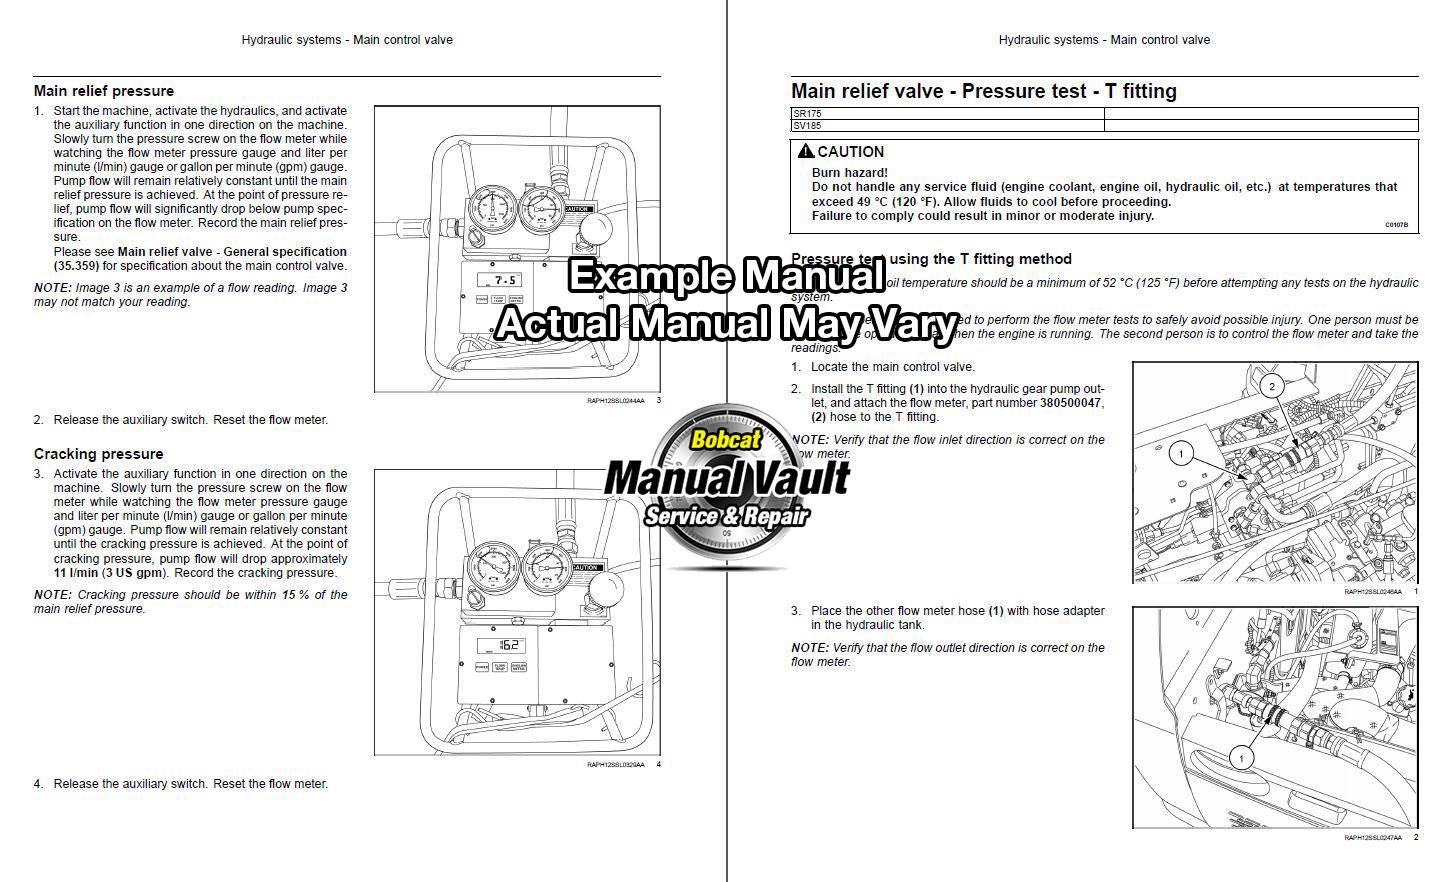 bobcat 553 skid steer loader service manual s n 5163 5164 bobcat rh bobcat manualvault com bobcat 553 service manual pdf Bobcat 553 Parts